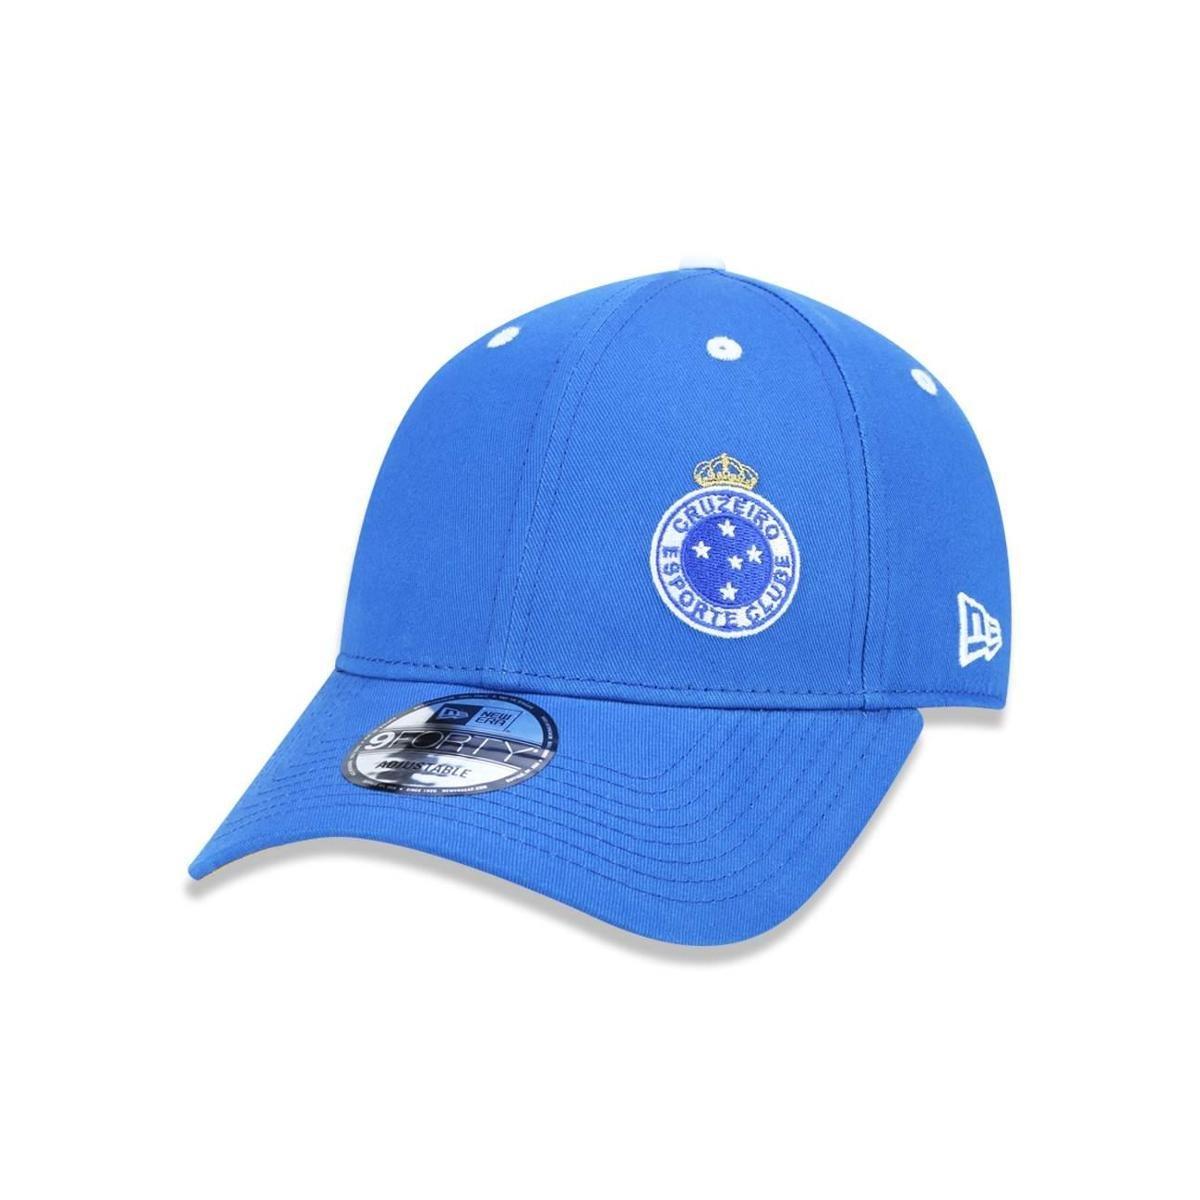 Bone 940 Cruzeiro Futebol Aba Curva Snapback Azul New Era - Azul ... 38838d56628